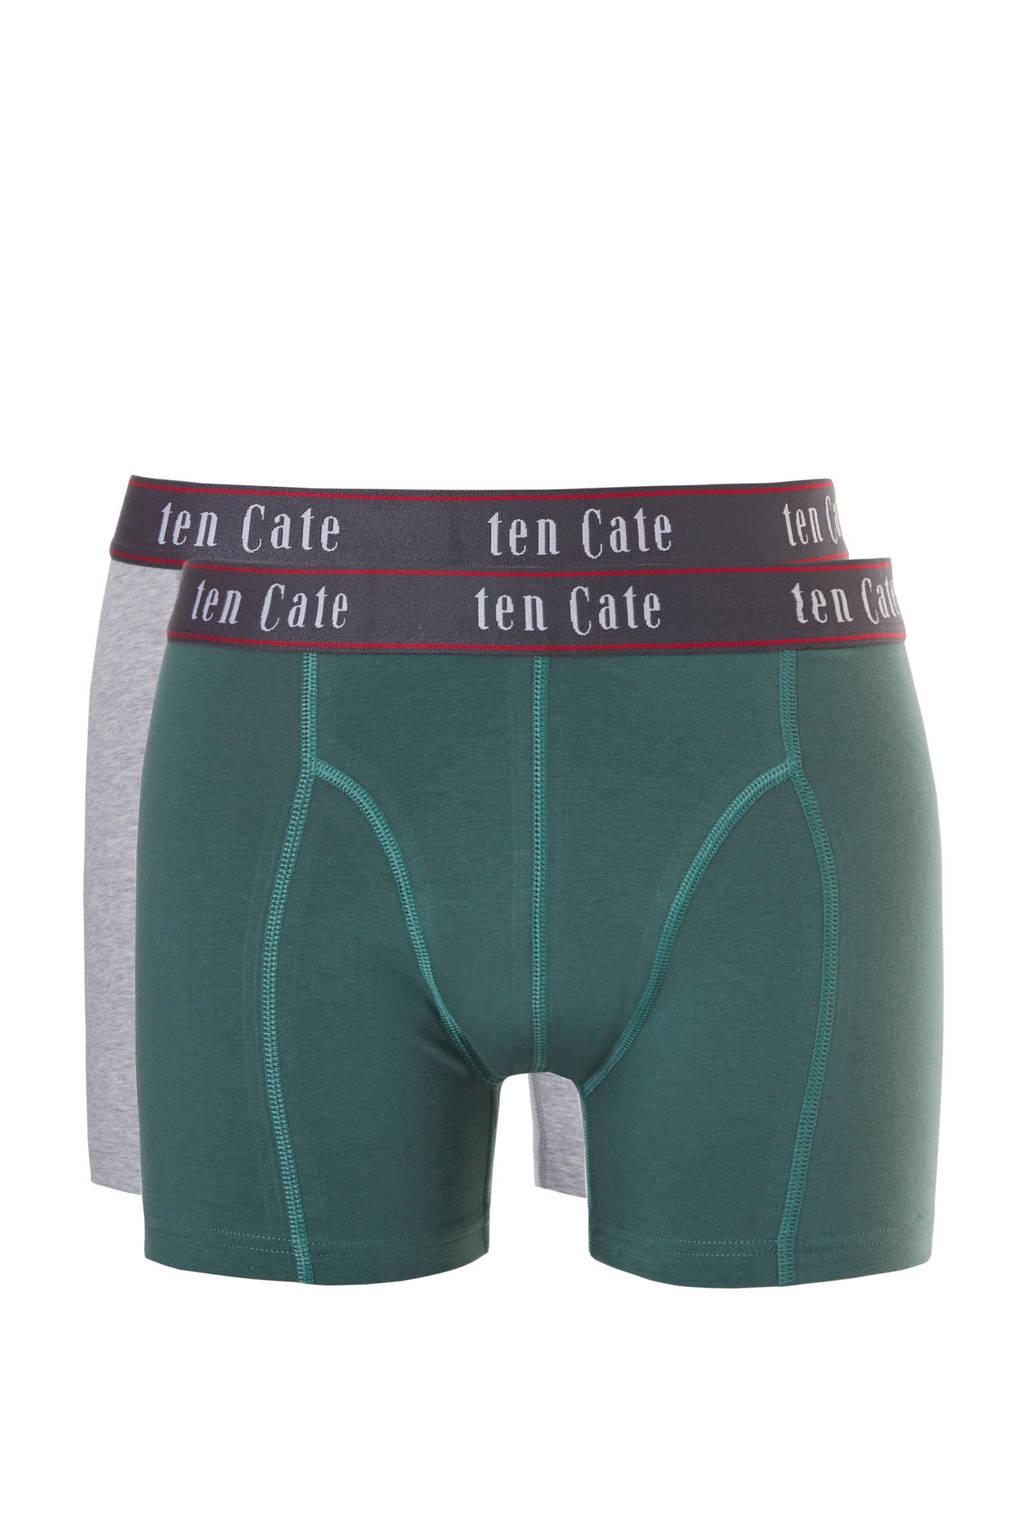 ten Cate boxershort (set van 2) groen/grijs, Groen/grijs